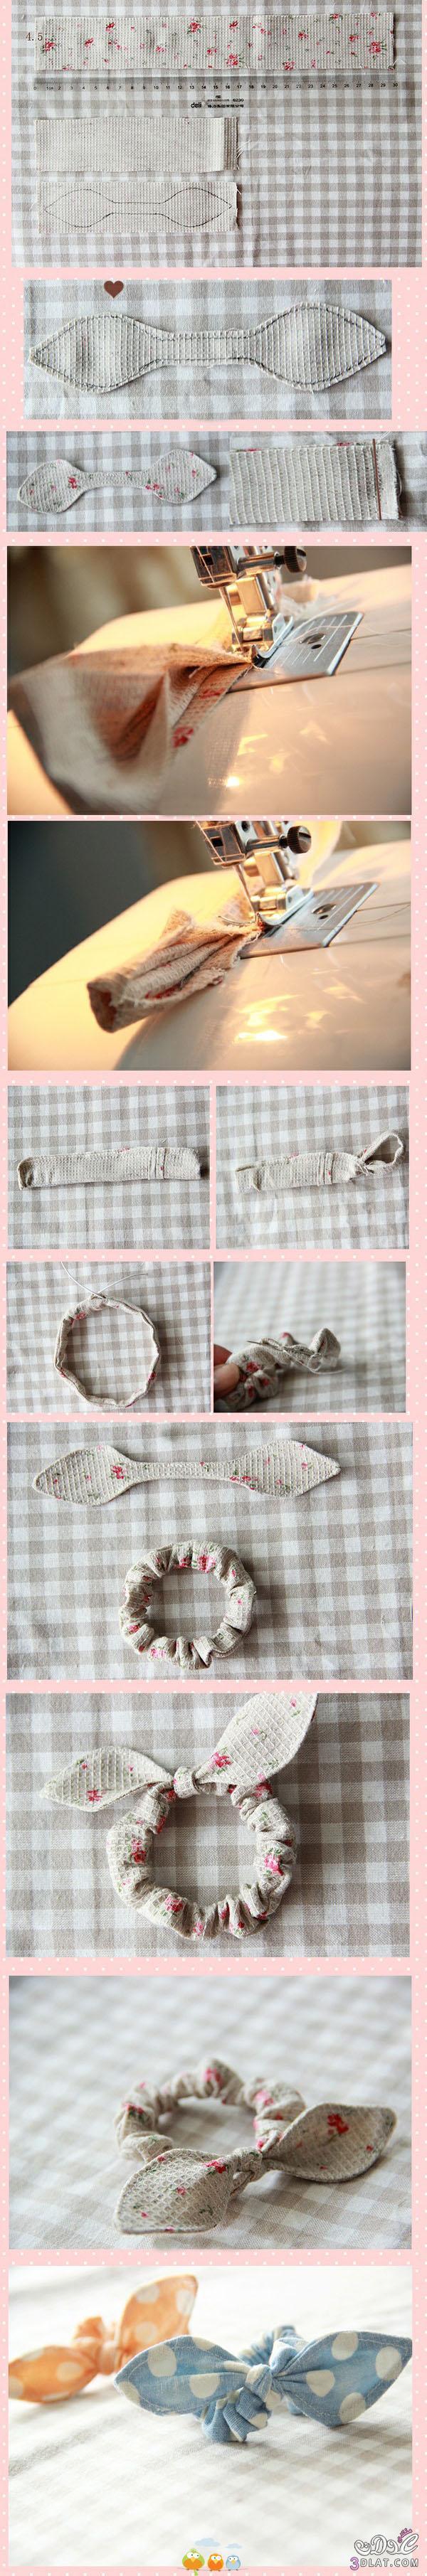 [صور] توك شعر يدوية,طريقة عمل فيونكات بالشرائط لتزين الشعر والملابس2014 3dlat.com_1398460446